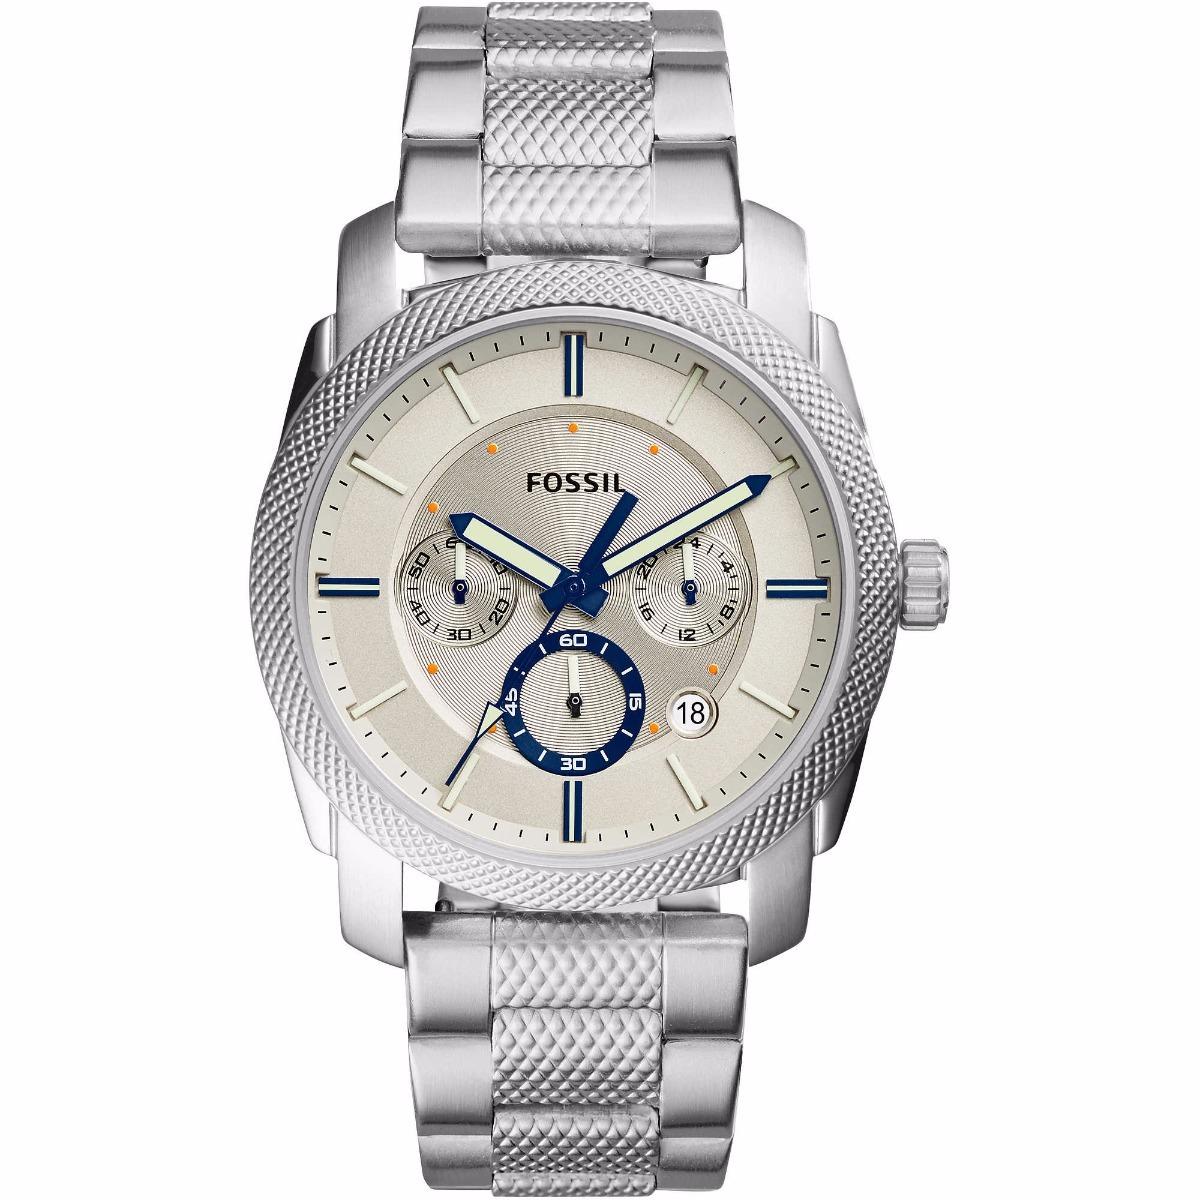 4f6add035ecf reloj fossil hombre tienda oficial fs5324. Cargando zoom.